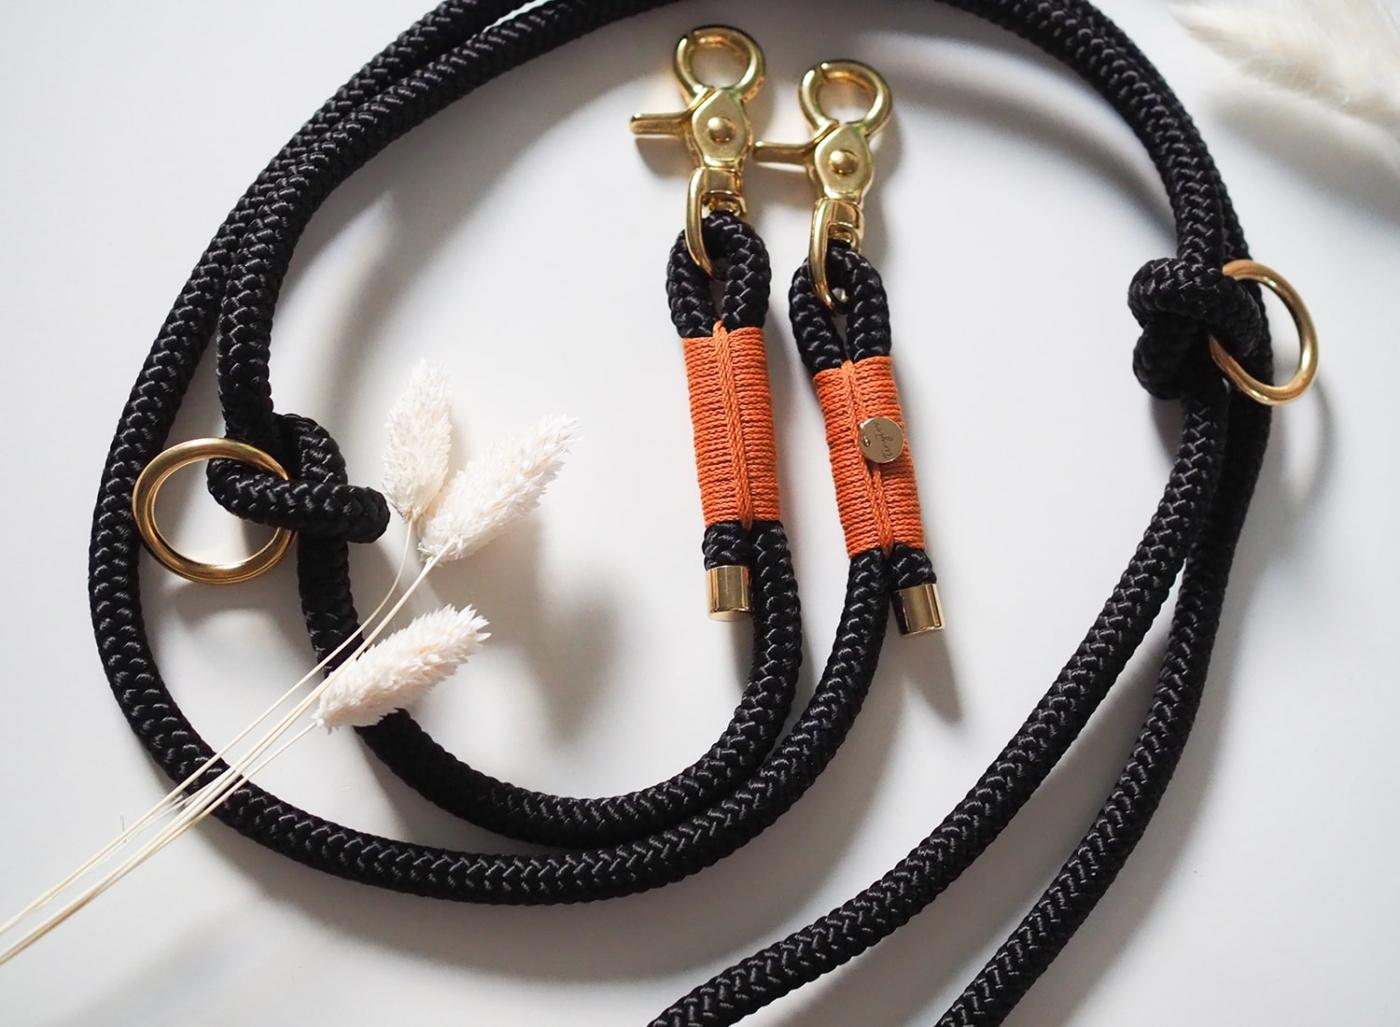 Hundeleine aus Tauseil in schwarz mit camelfarbenen Details und goldenen, robusten Messing-Beschlägen.